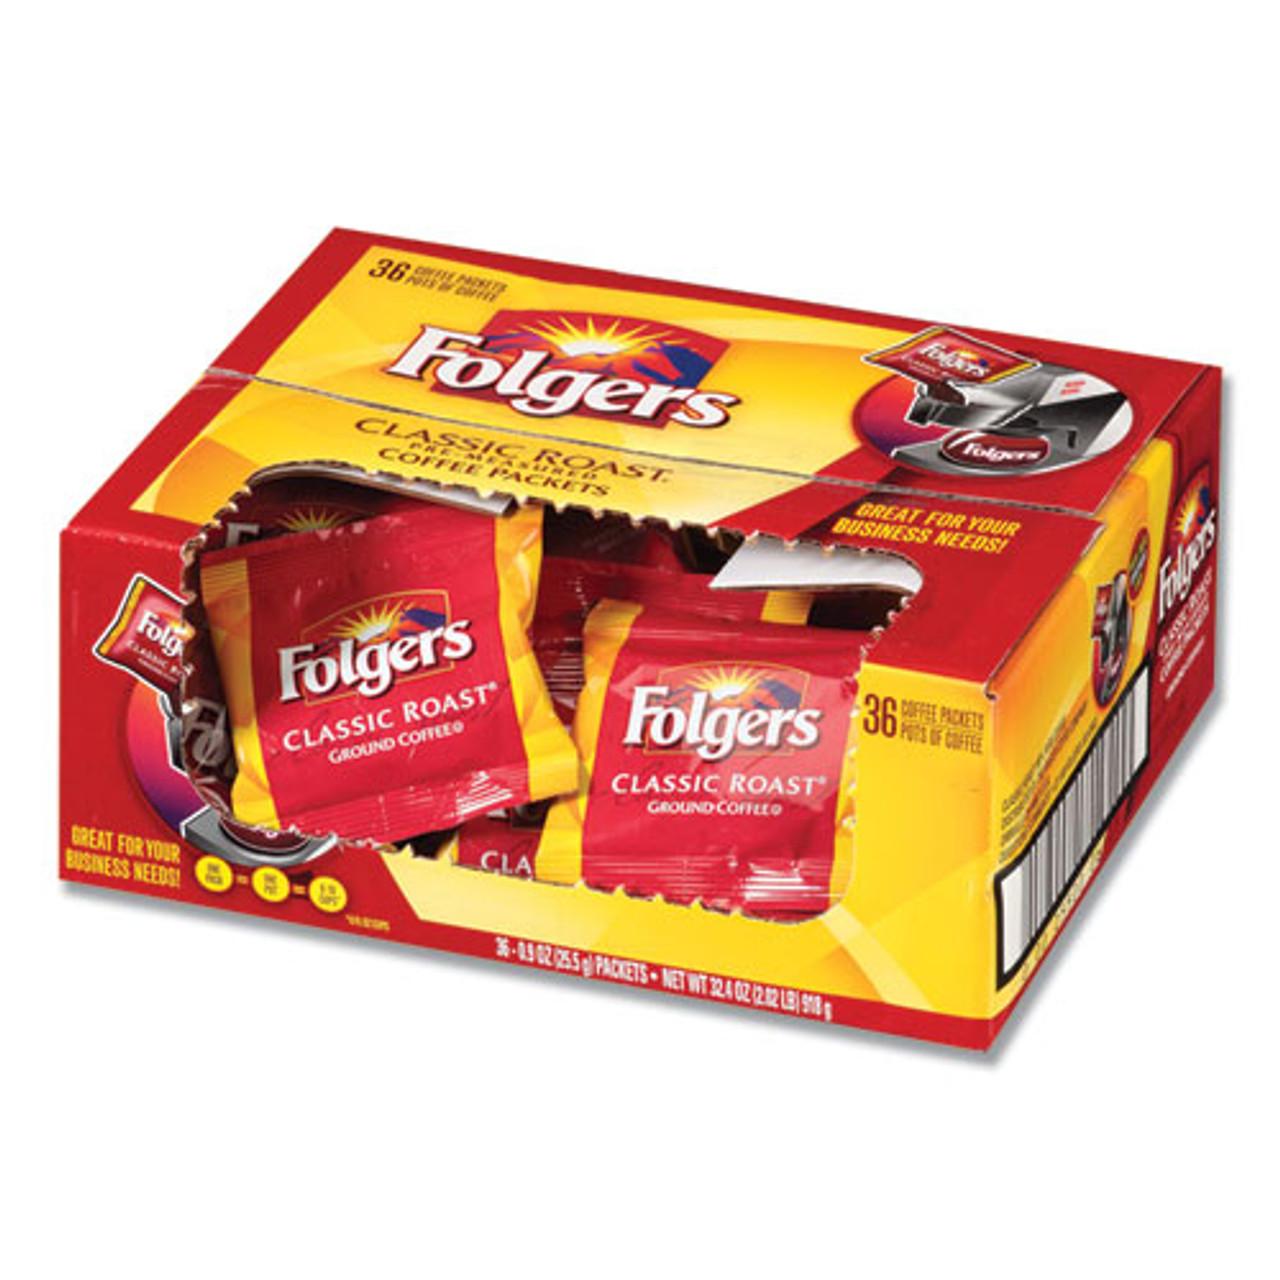 Folgers Coffee Fol06125